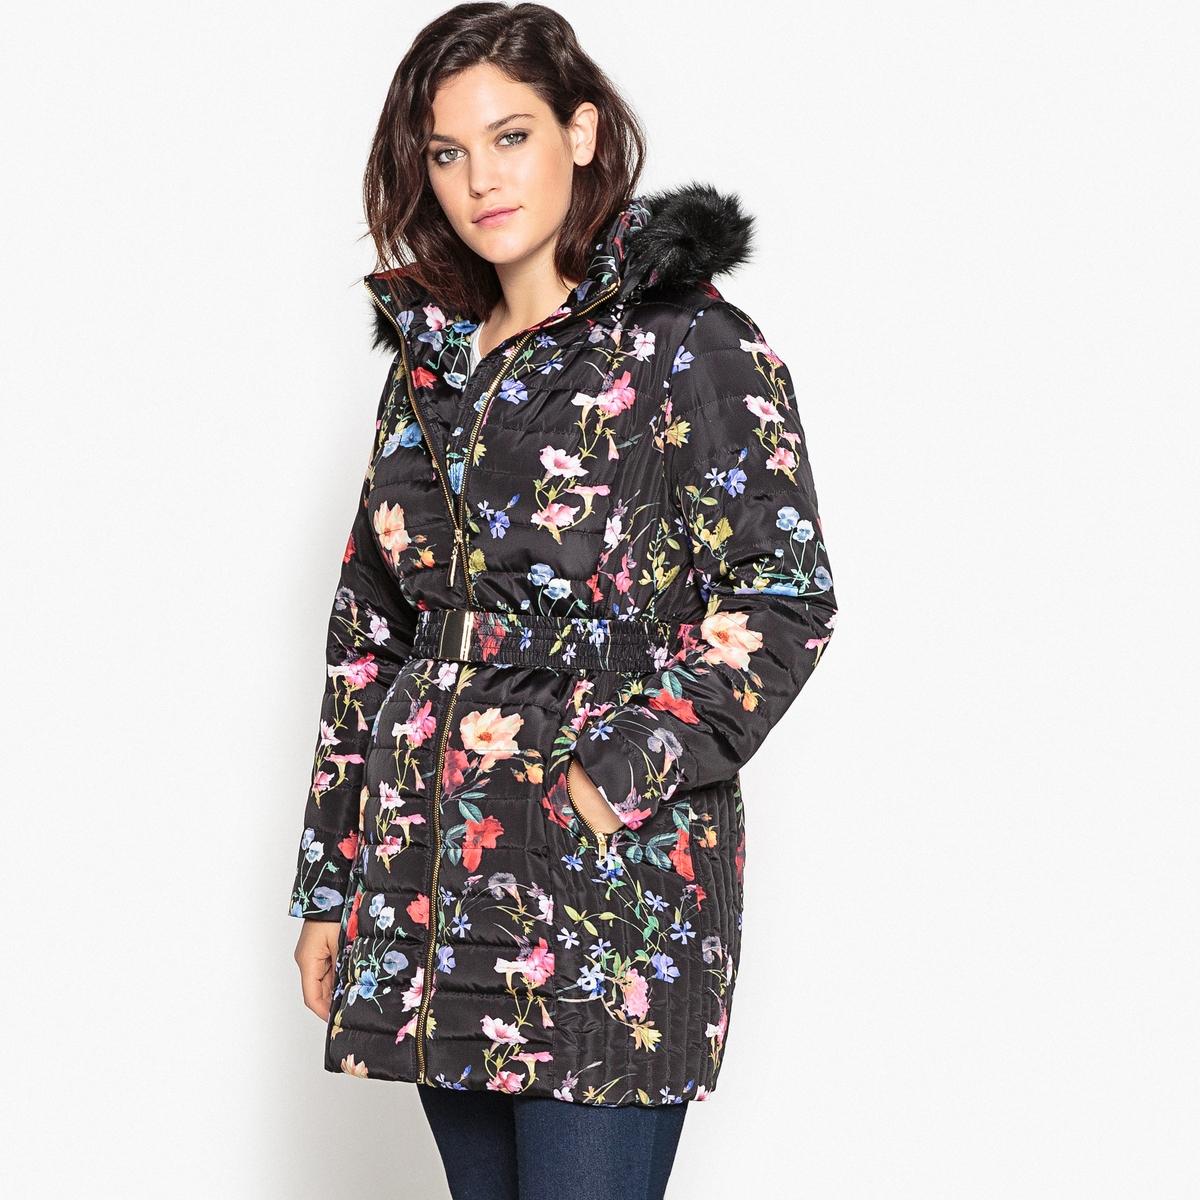 Куртка с капюшоном и цветочным рисункомОписание:Очень модная куртка с цветочным рисунком. Длинная куртка с цветочным рисунком и поясом обеспечит надежную защиту.Детали •  Длина : удлиненная модель •  Воротник-стойка •  Рисунок-принт •  Застежка на молнию •  С капюшономСостав и уход •  100% полиэстер  •  Подкладка : 100% полиэстер • Не стирать •  Не гладить/ не отбеливать  •  Не использовать барабанную сушку •  Деликатная сухая чисткаТовар из коллекции больших размеров •  Модный цветочный рисунок. •  Съемный капюшон с опушкой из искусственного меха. •  2 кармана на молниях.<br><br>Цвет: рисунок цветочный/фон черный